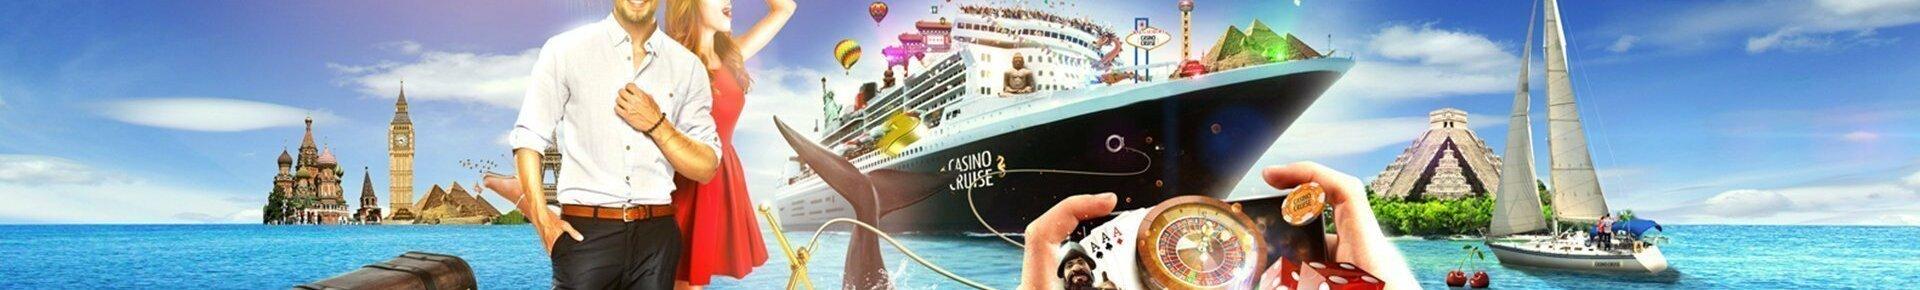 Casino Cruise casino review UK